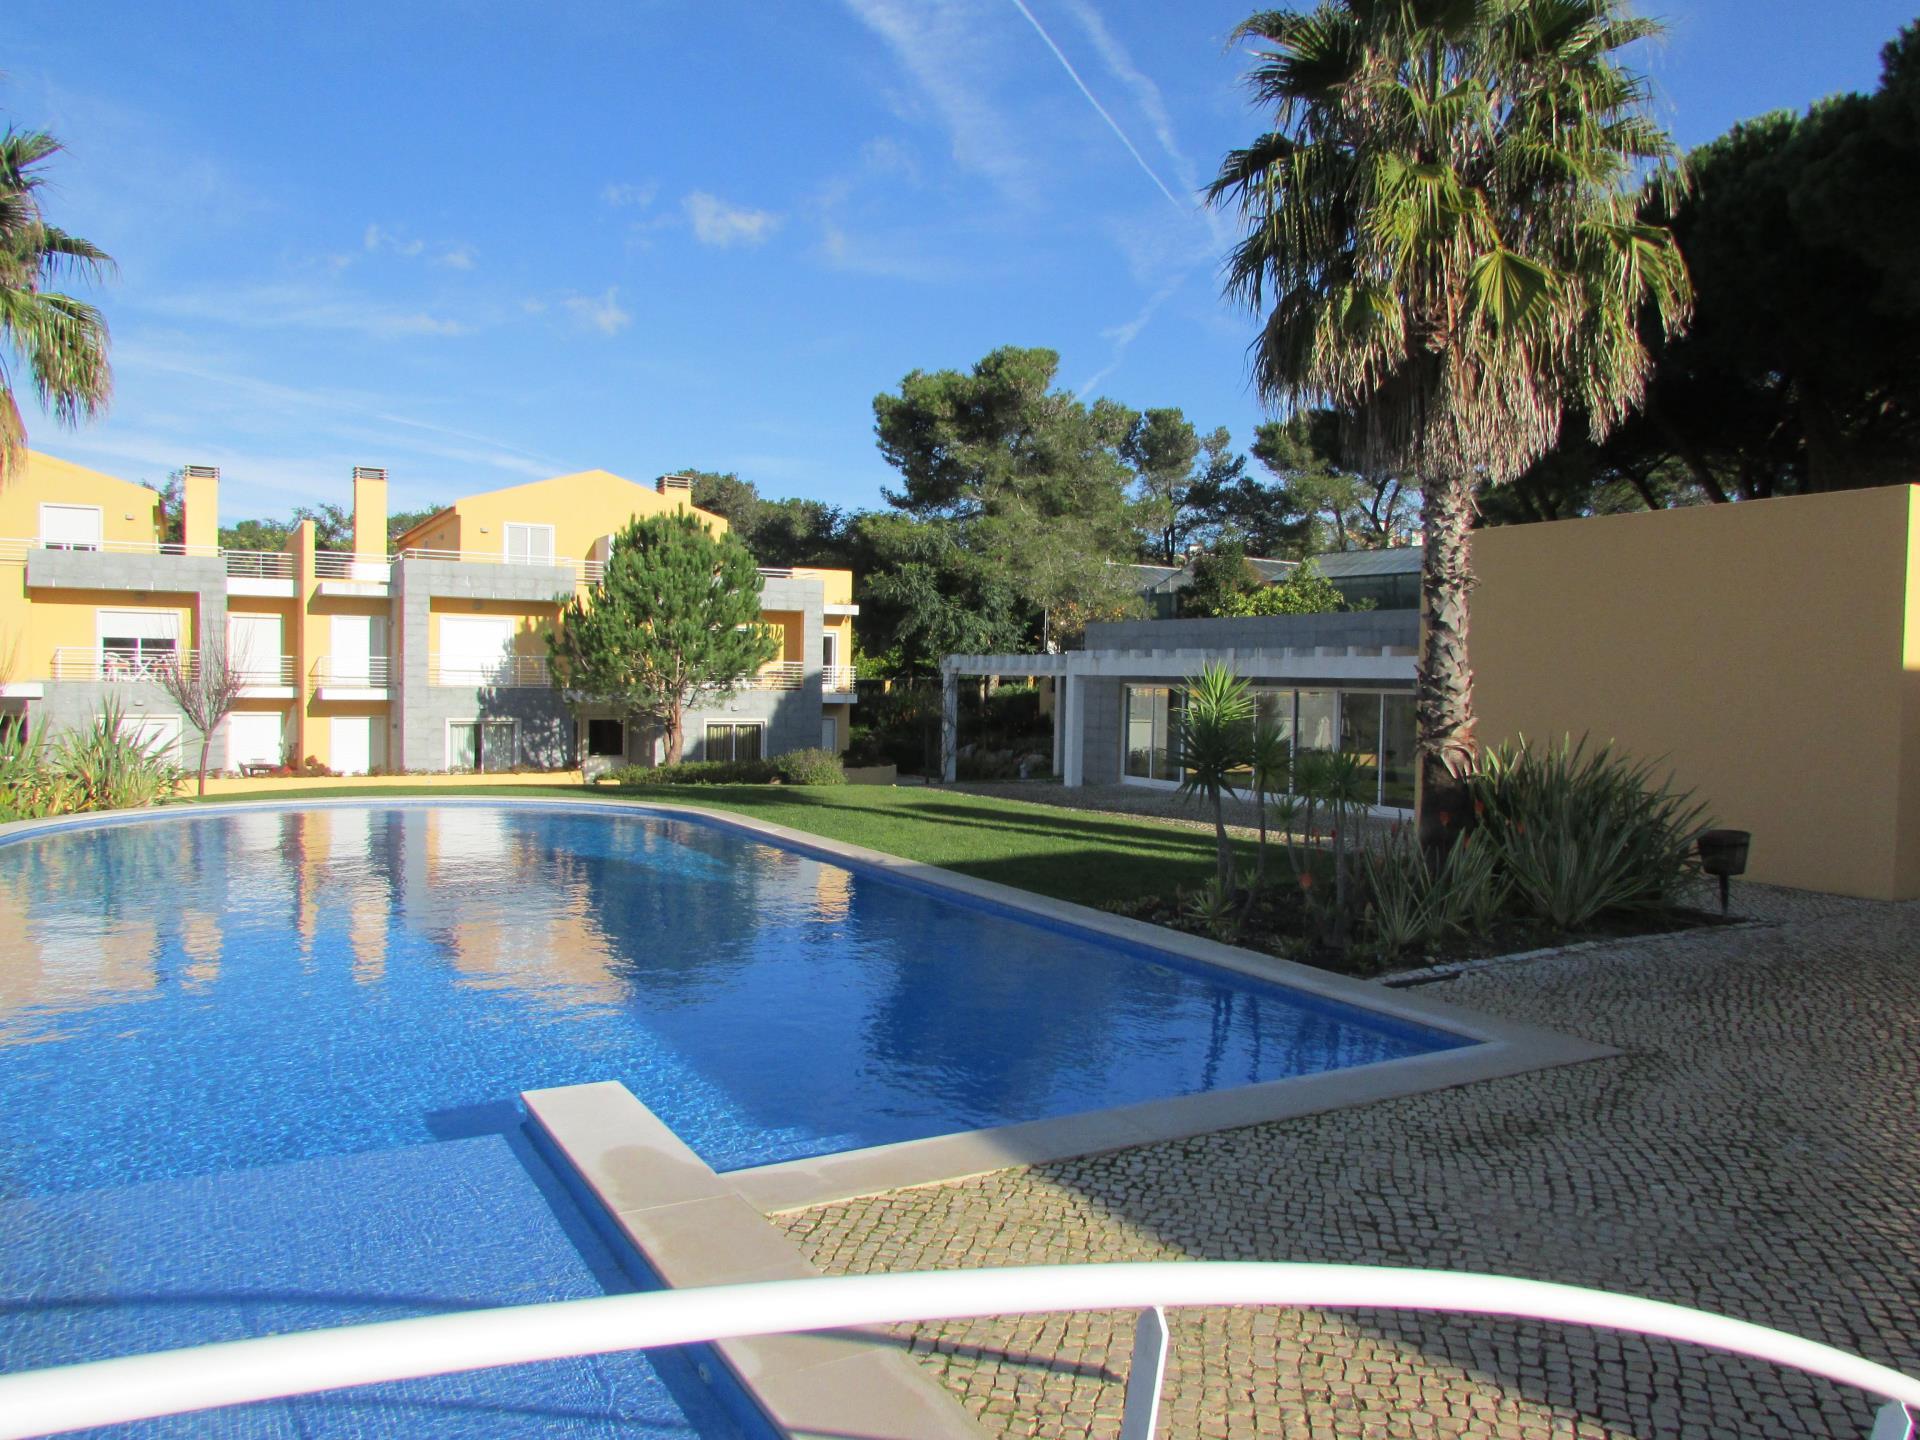 Appartement pour l Vente à Flat, 3 bedrooms, for Sale Birre, Cascais, Lisbonne Portugal